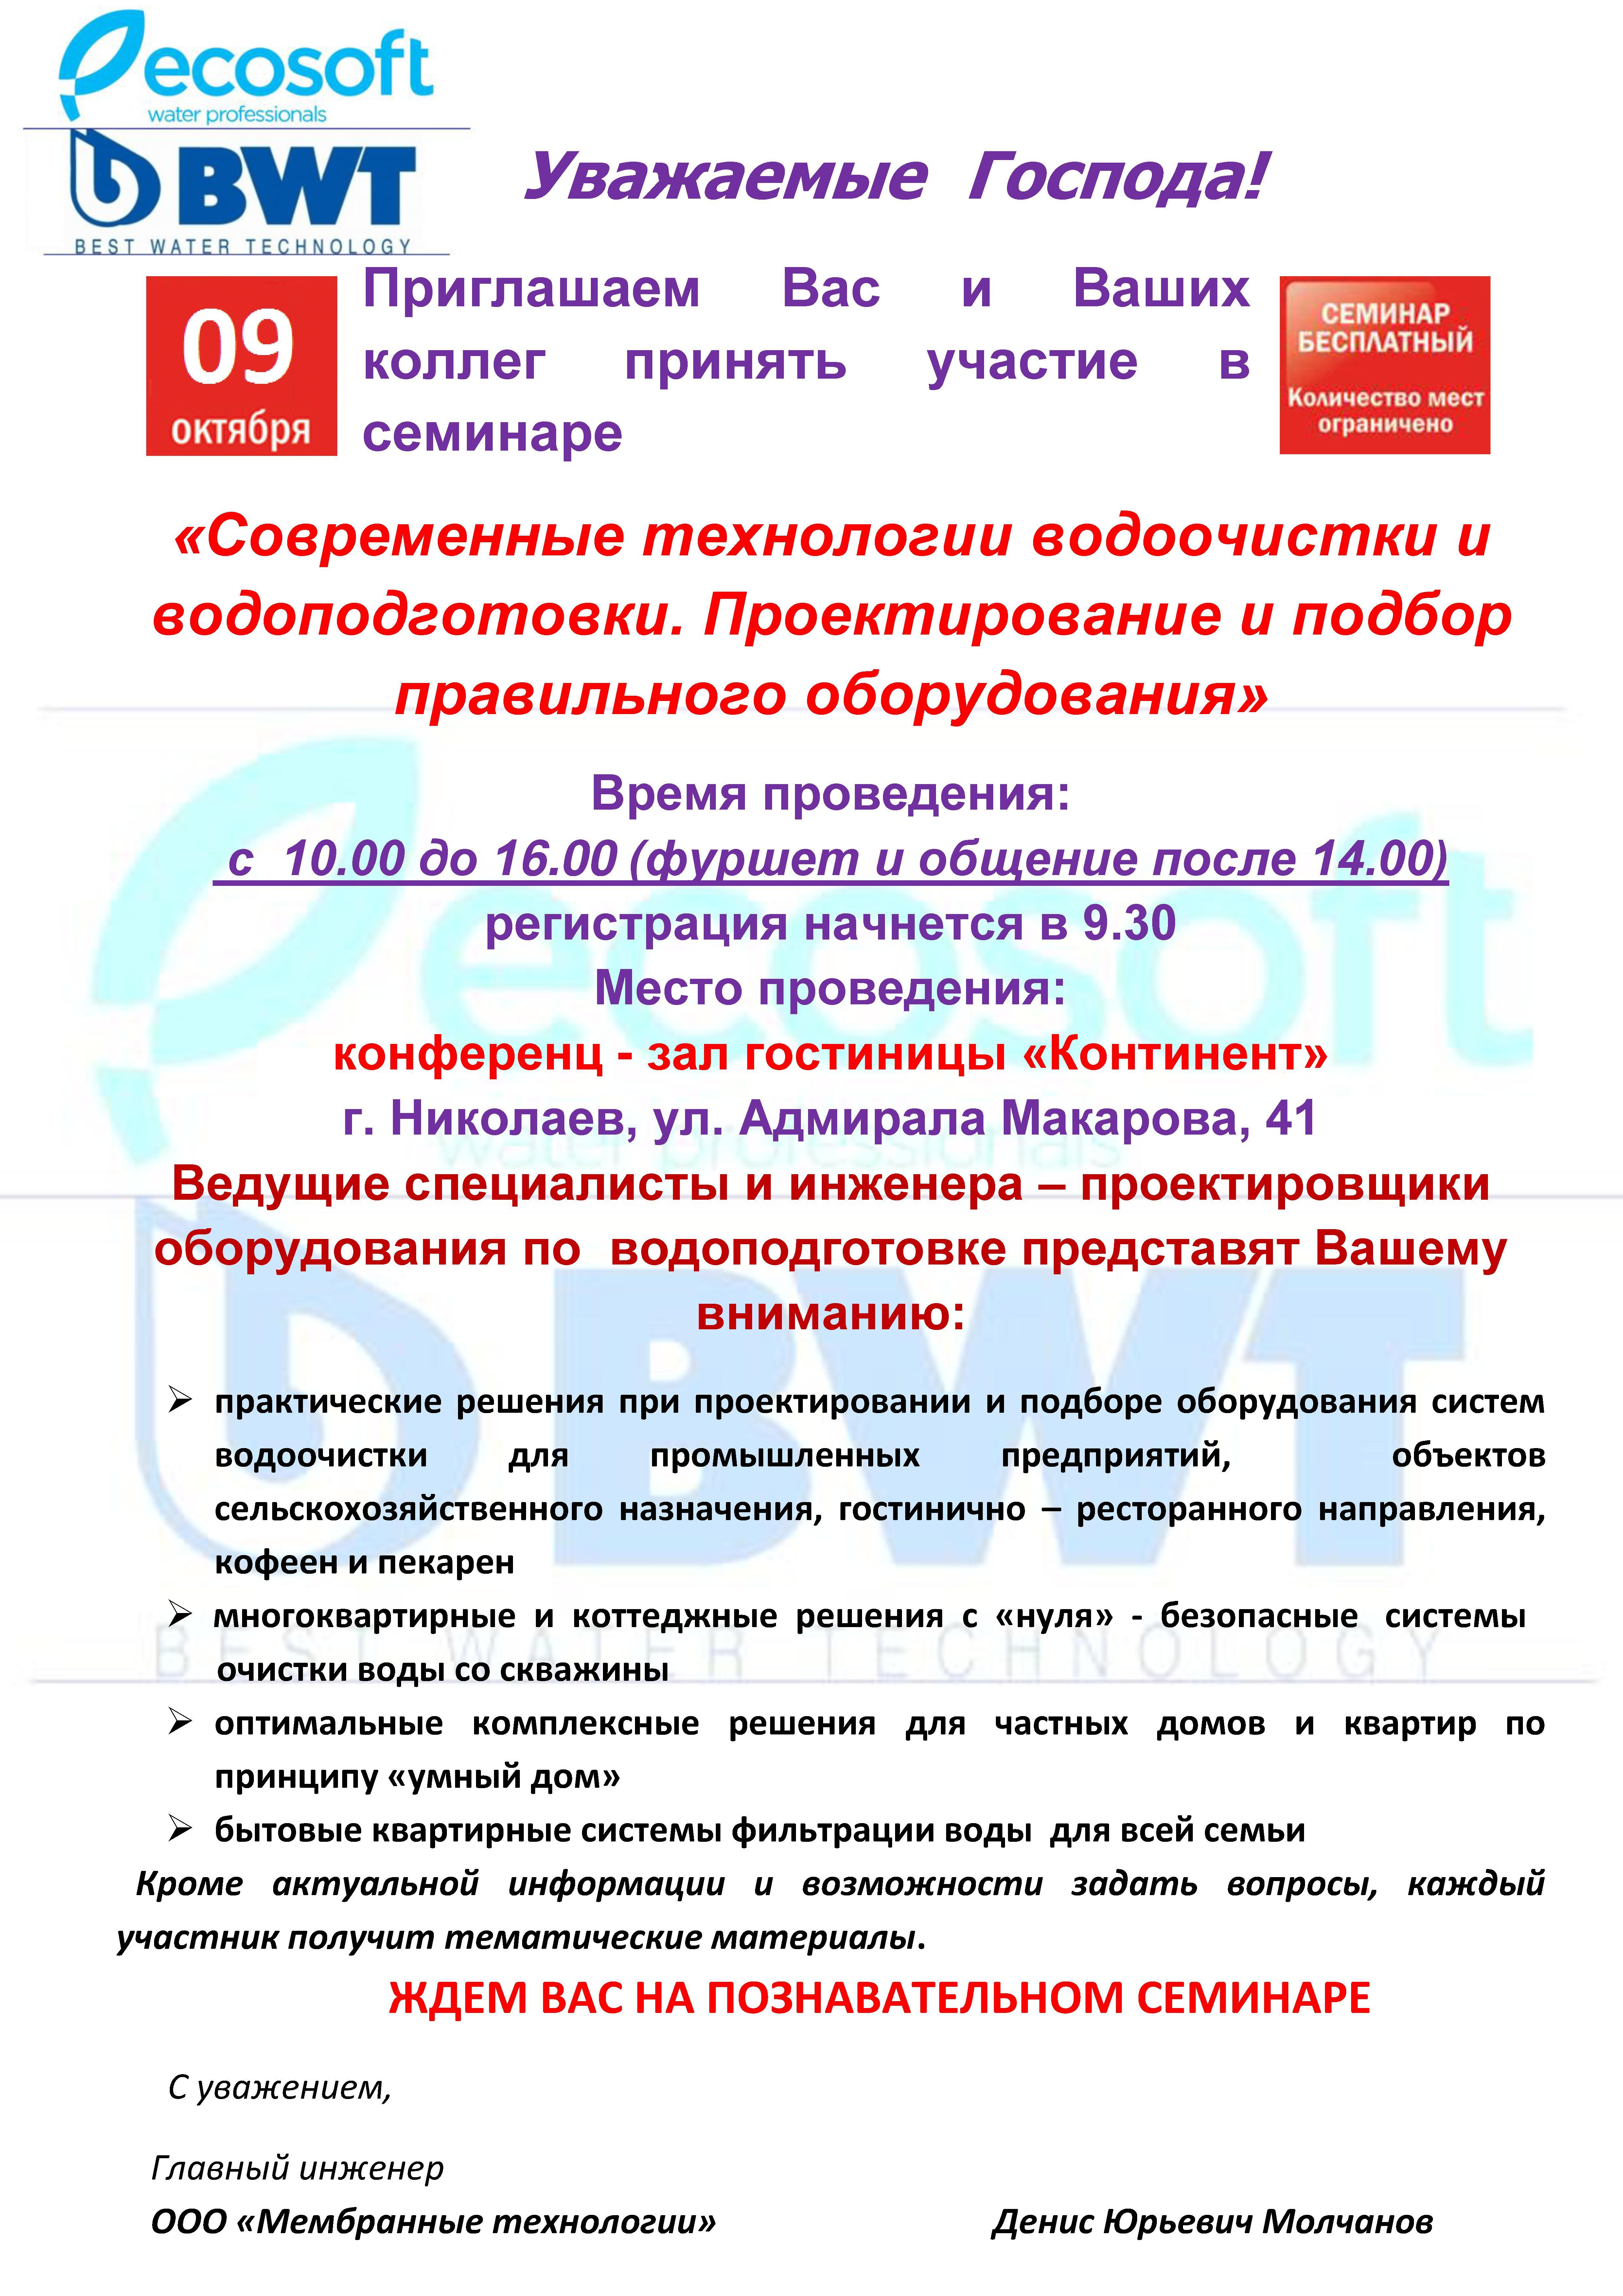 приглашение на семинар 09.10.20